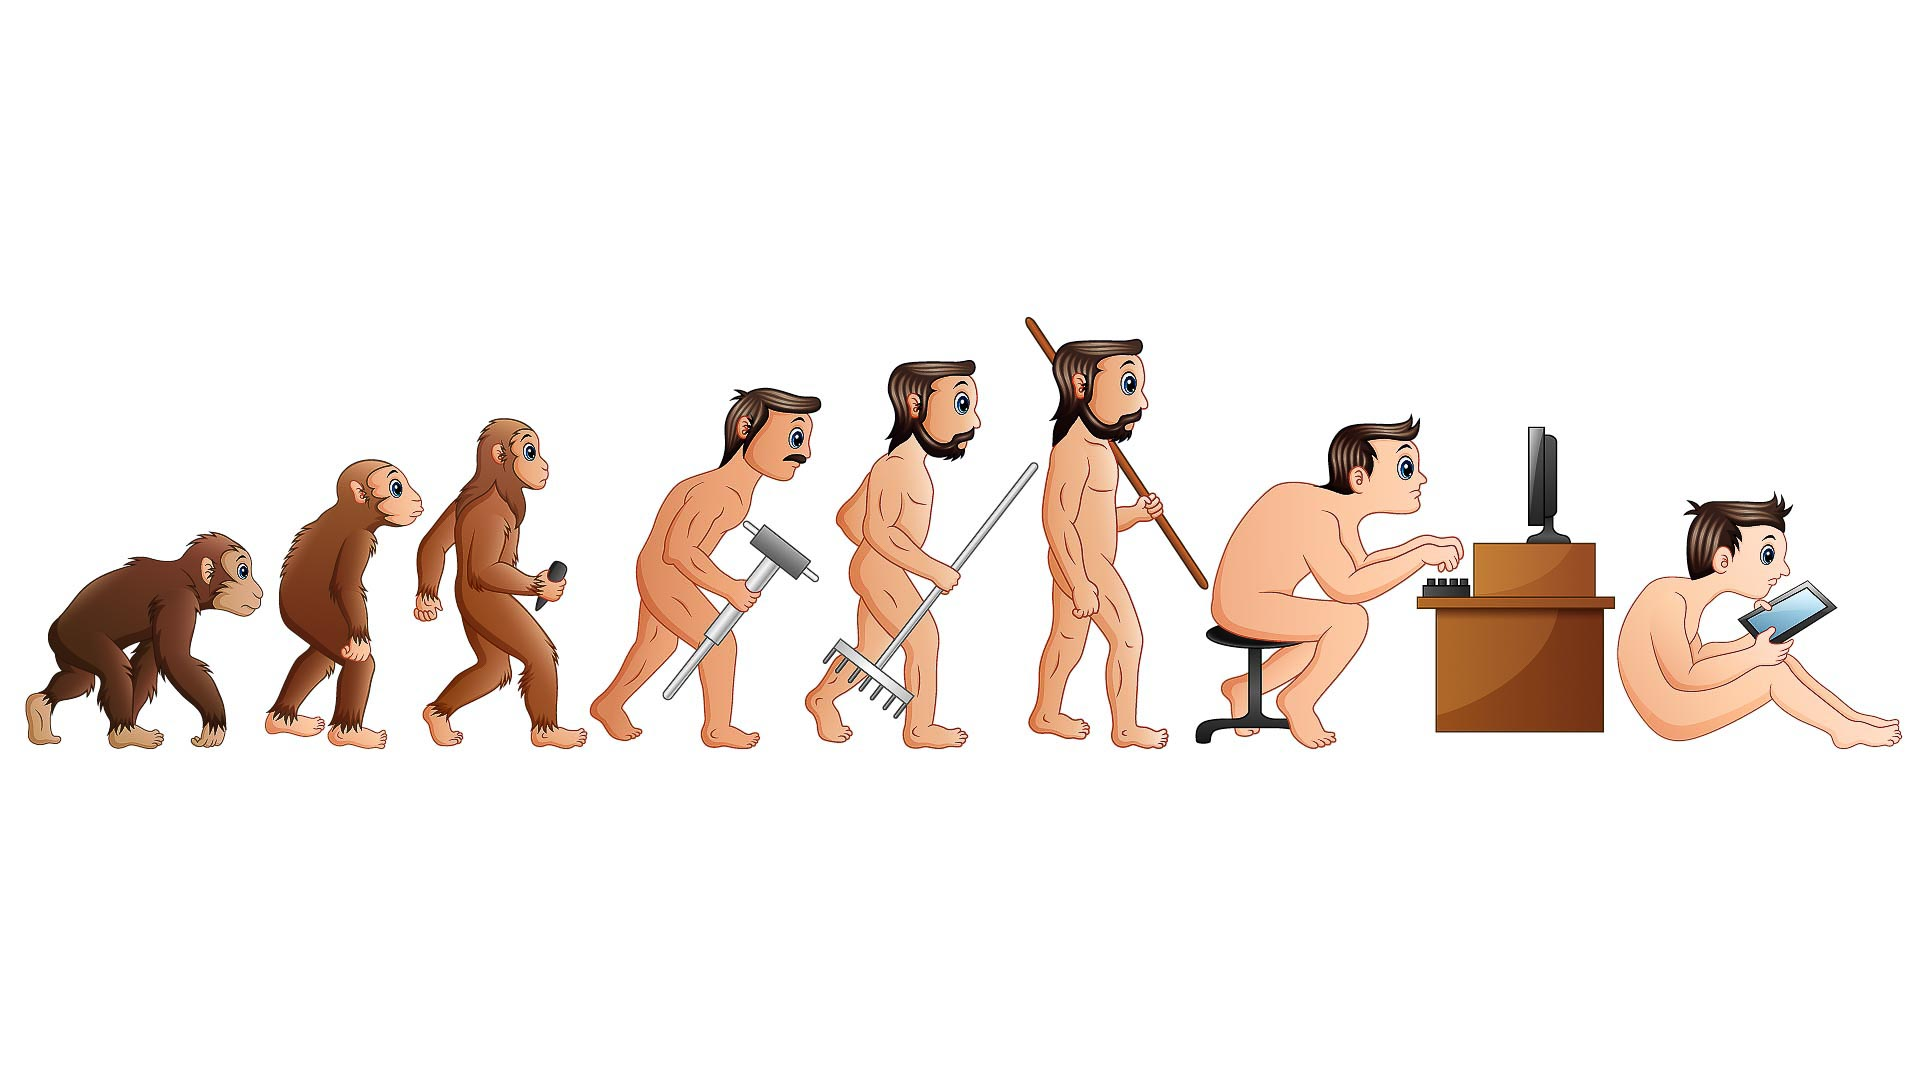 timeline-of-human-evolution-shutterstock-723590713 (1 av 1).jpg